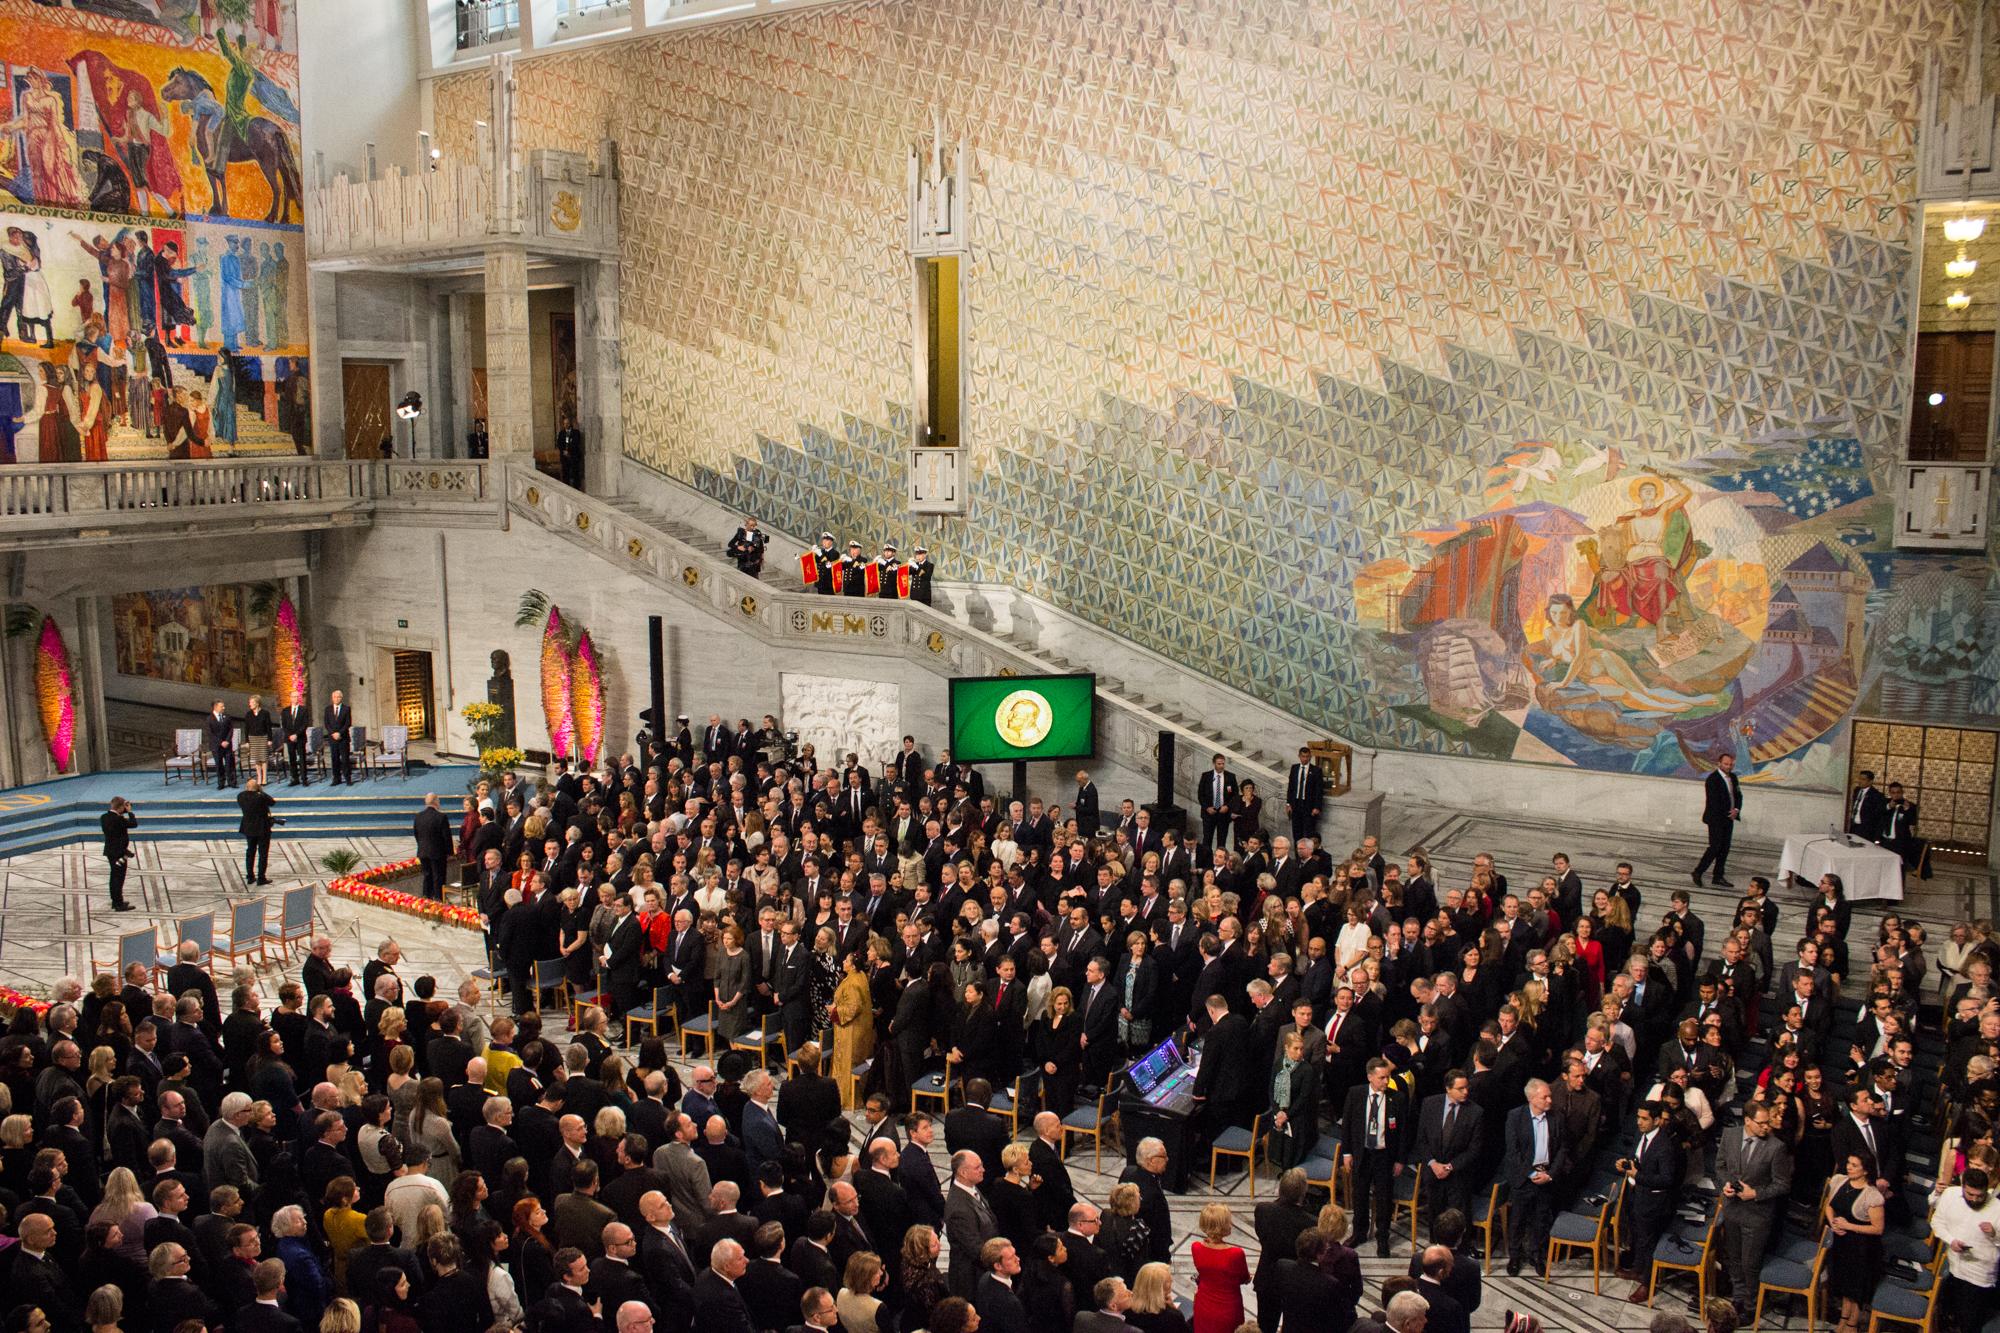 Nobel Prize Ceromony in Oslo Norway